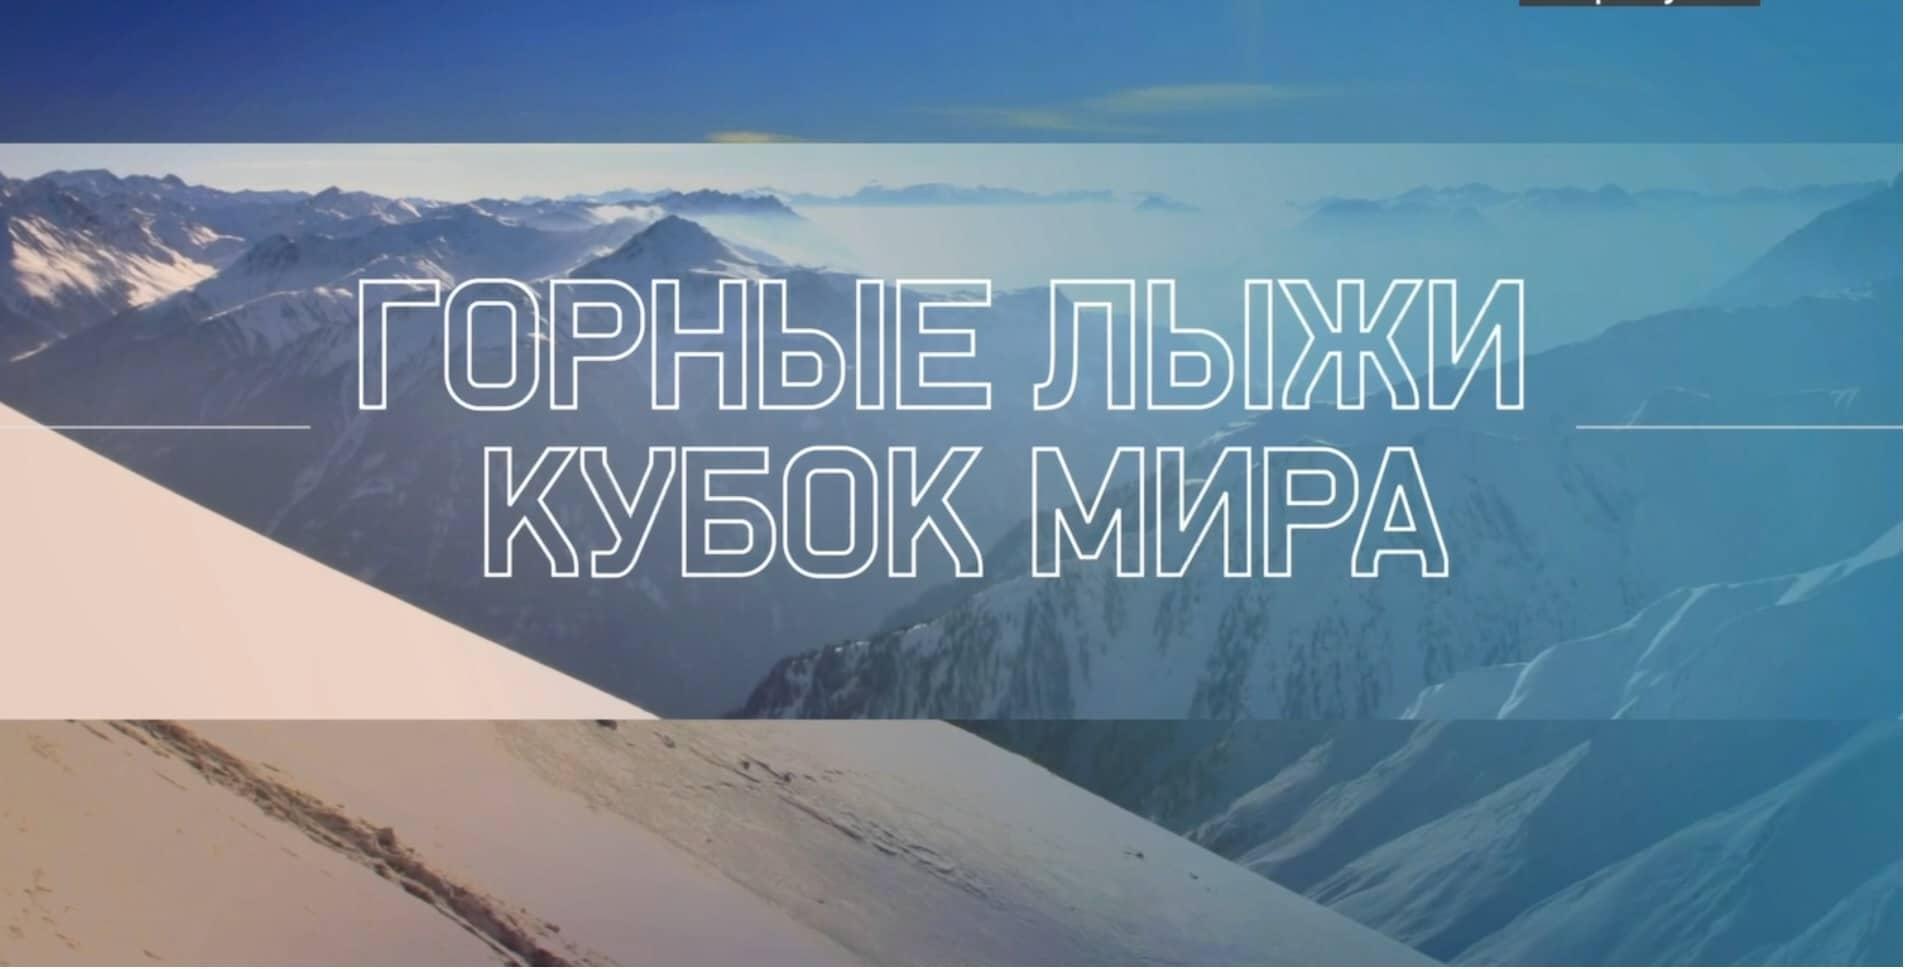 Прямая трансляция горнолыжный спорт